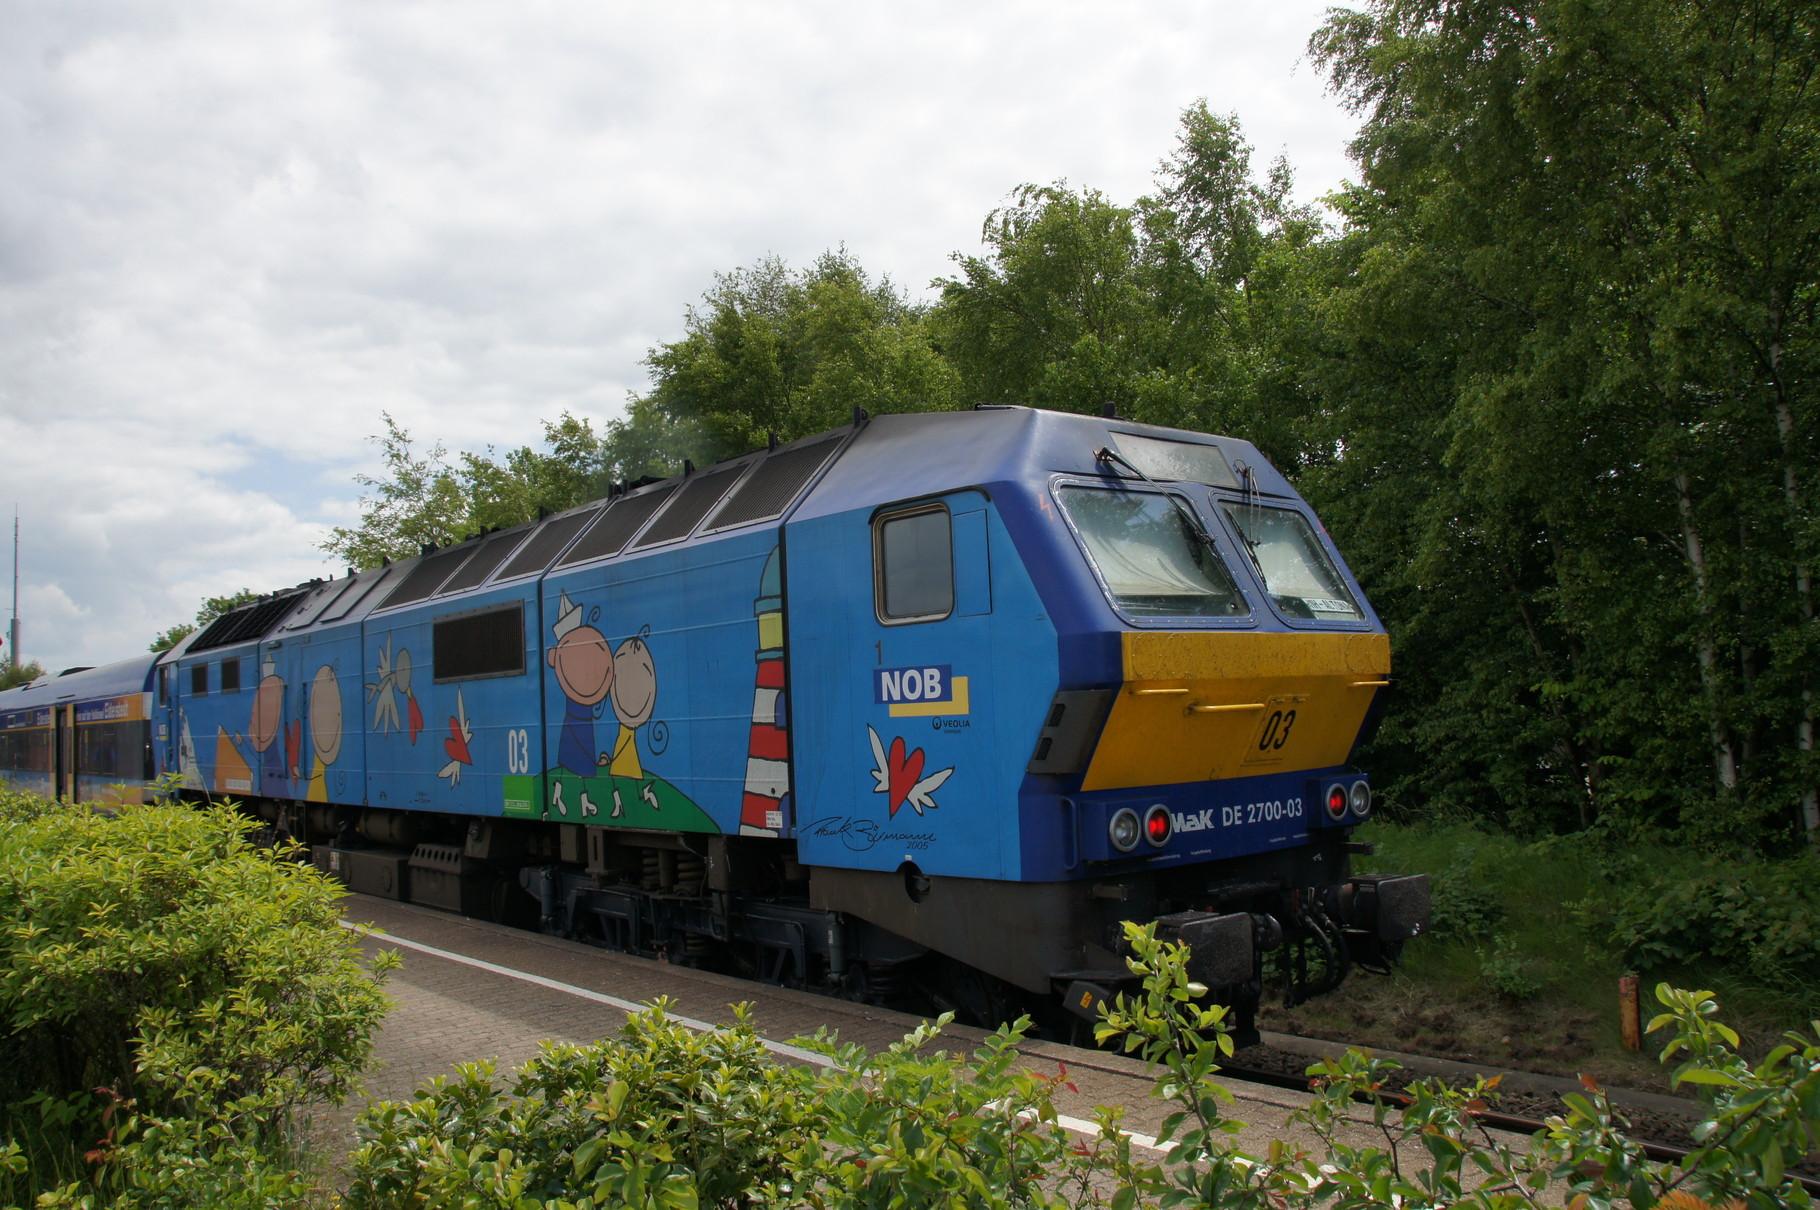 Siemens MaK DE 2700 der NOB als Schiebelok im Bahnhof von Husum.